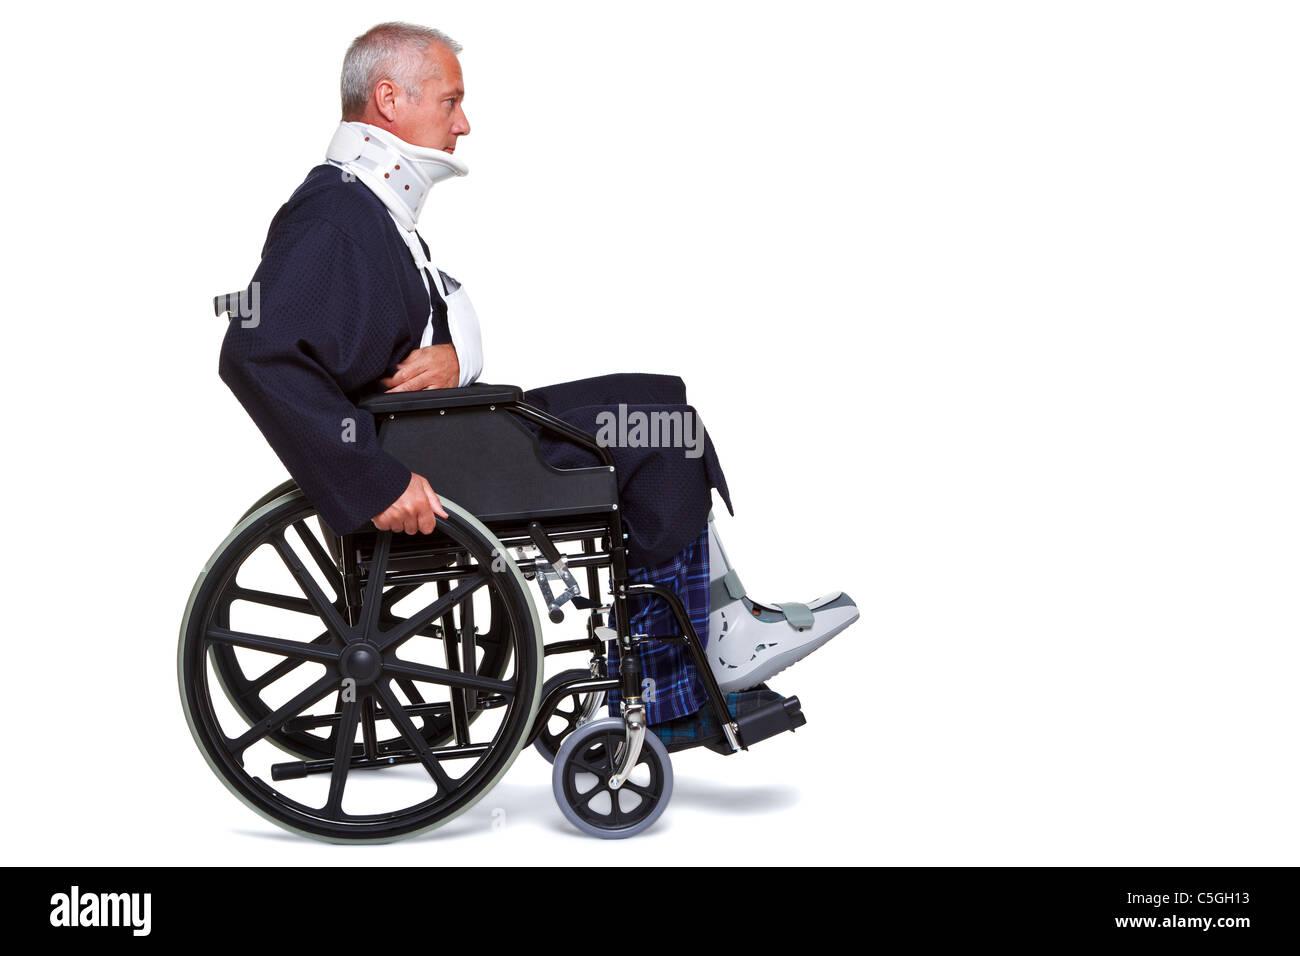 Foto von einem verletzten Mann drängen sich entlang in seinem Rollstuhl, isoliert auf einem weißen Hintergrund. Stockbild